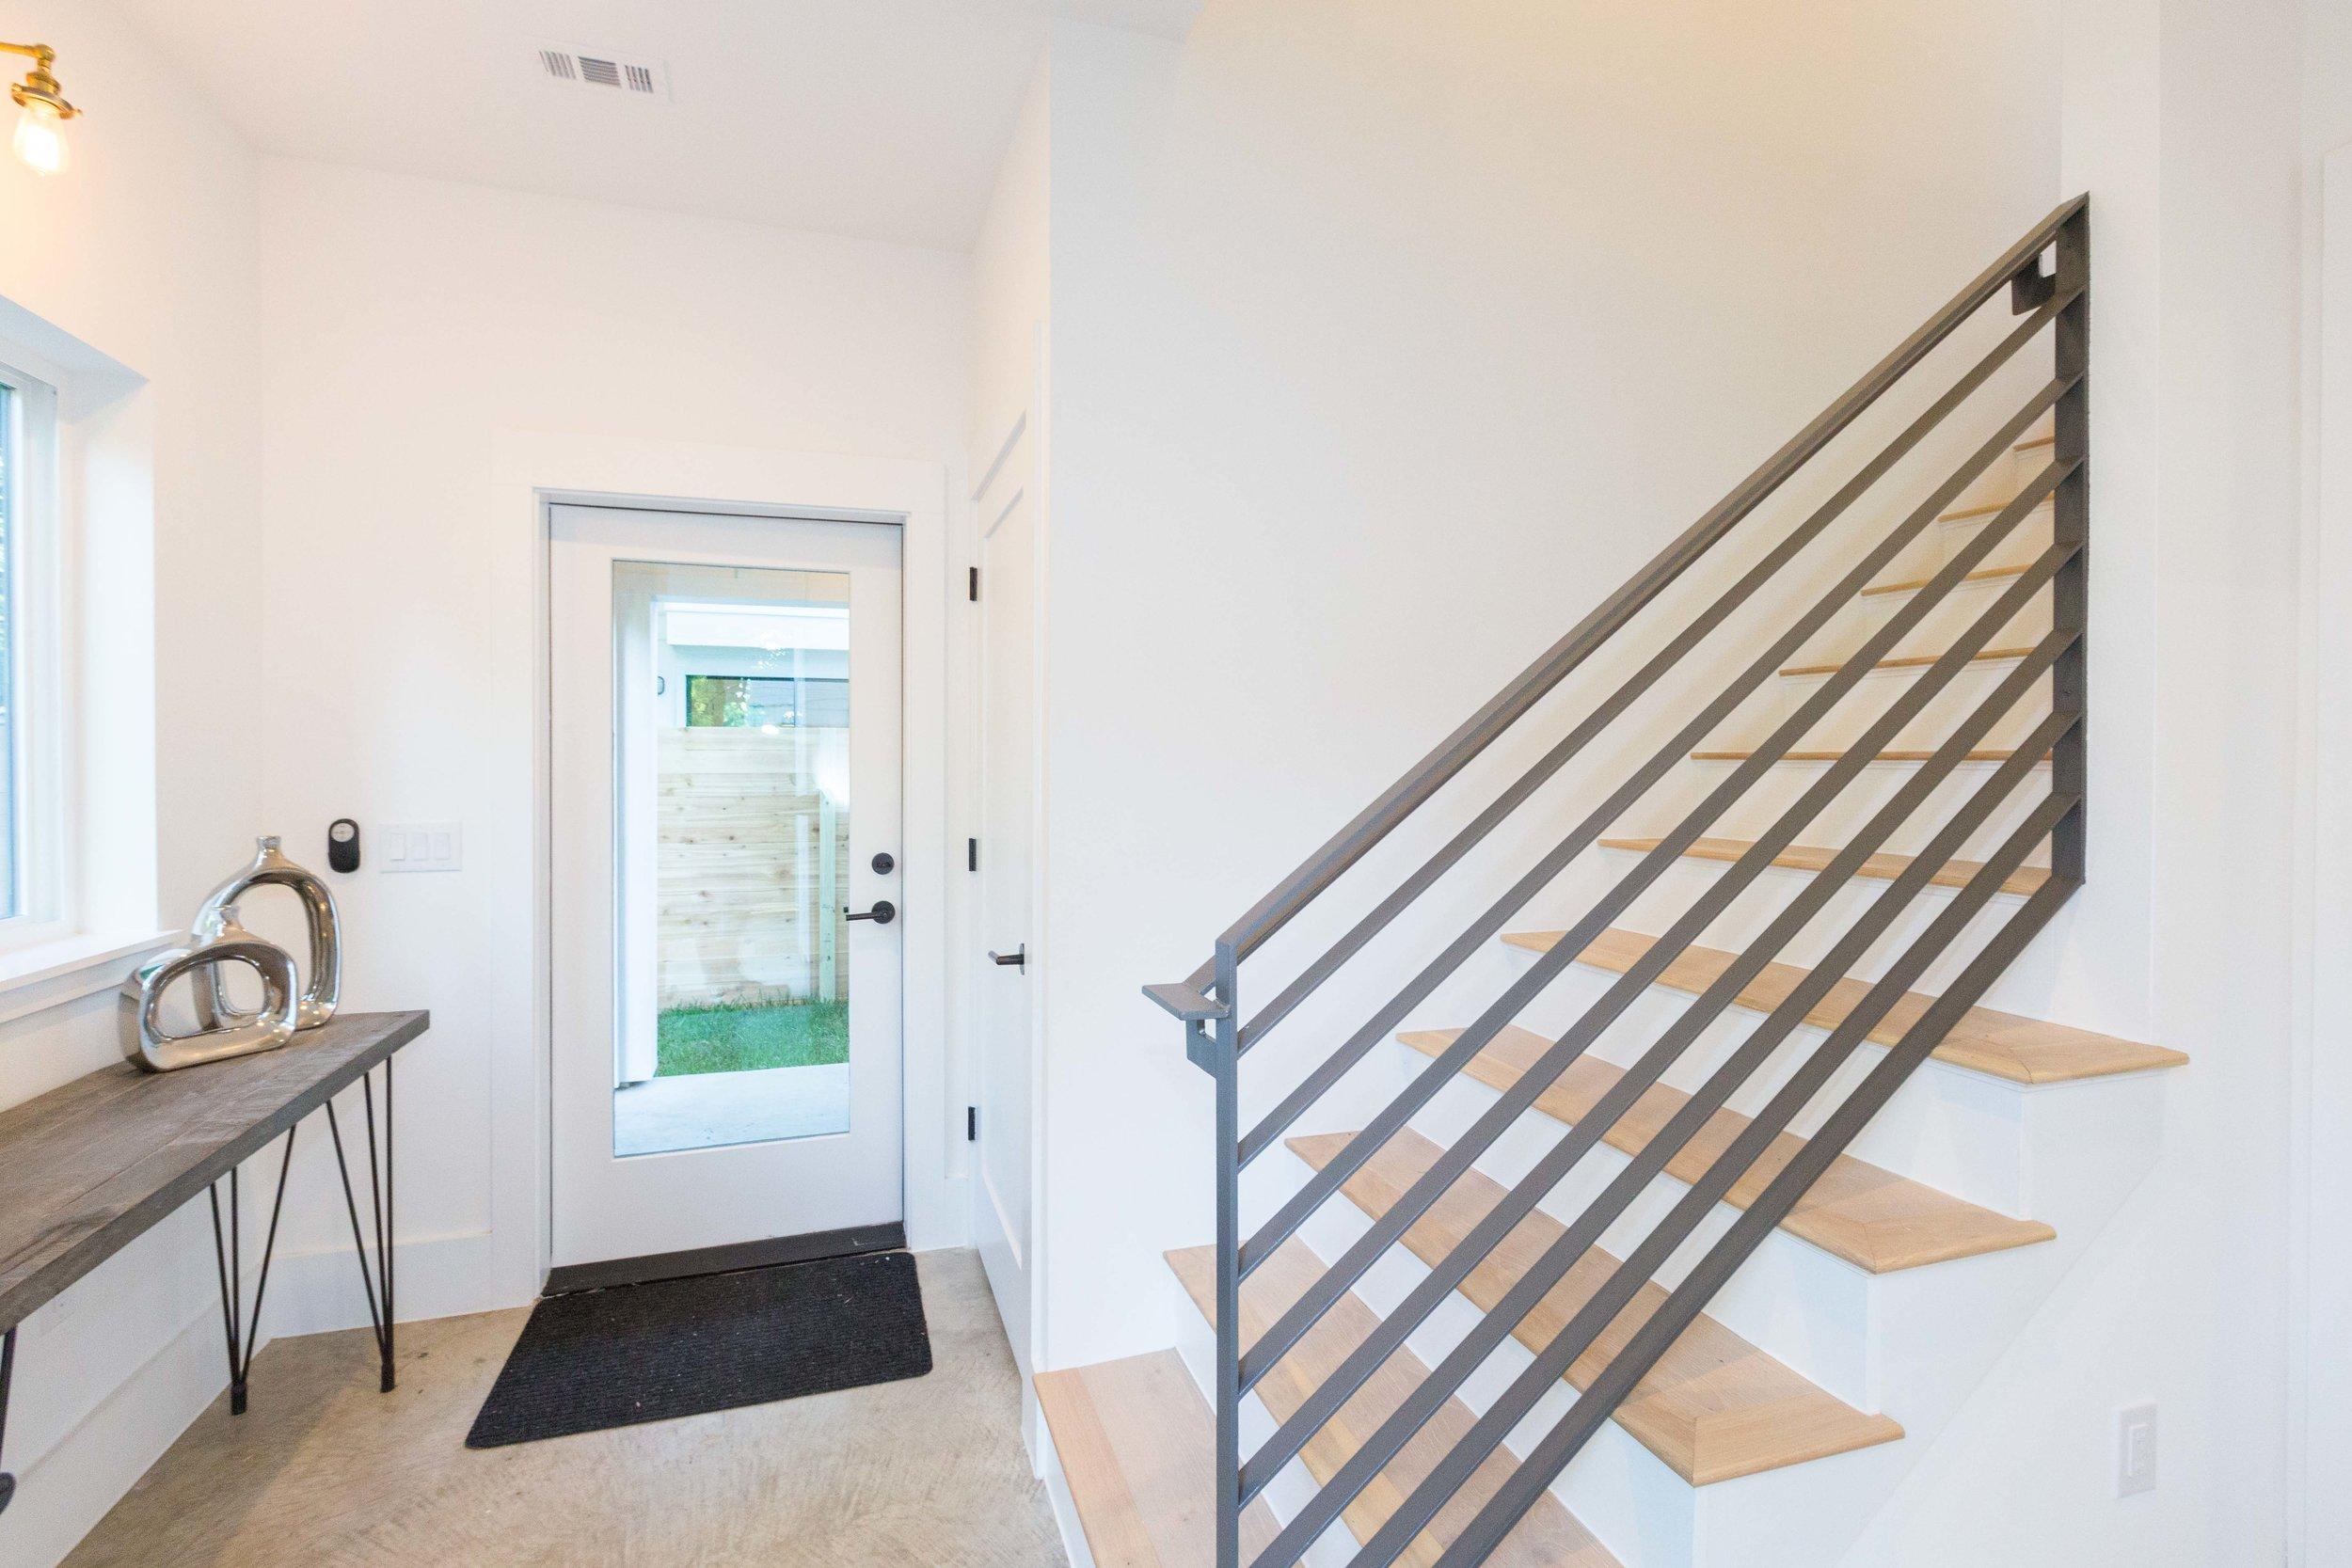 2504_WillowB_-_East_Austin_Alley_House_Modern_Cottage-9667[1].jpg